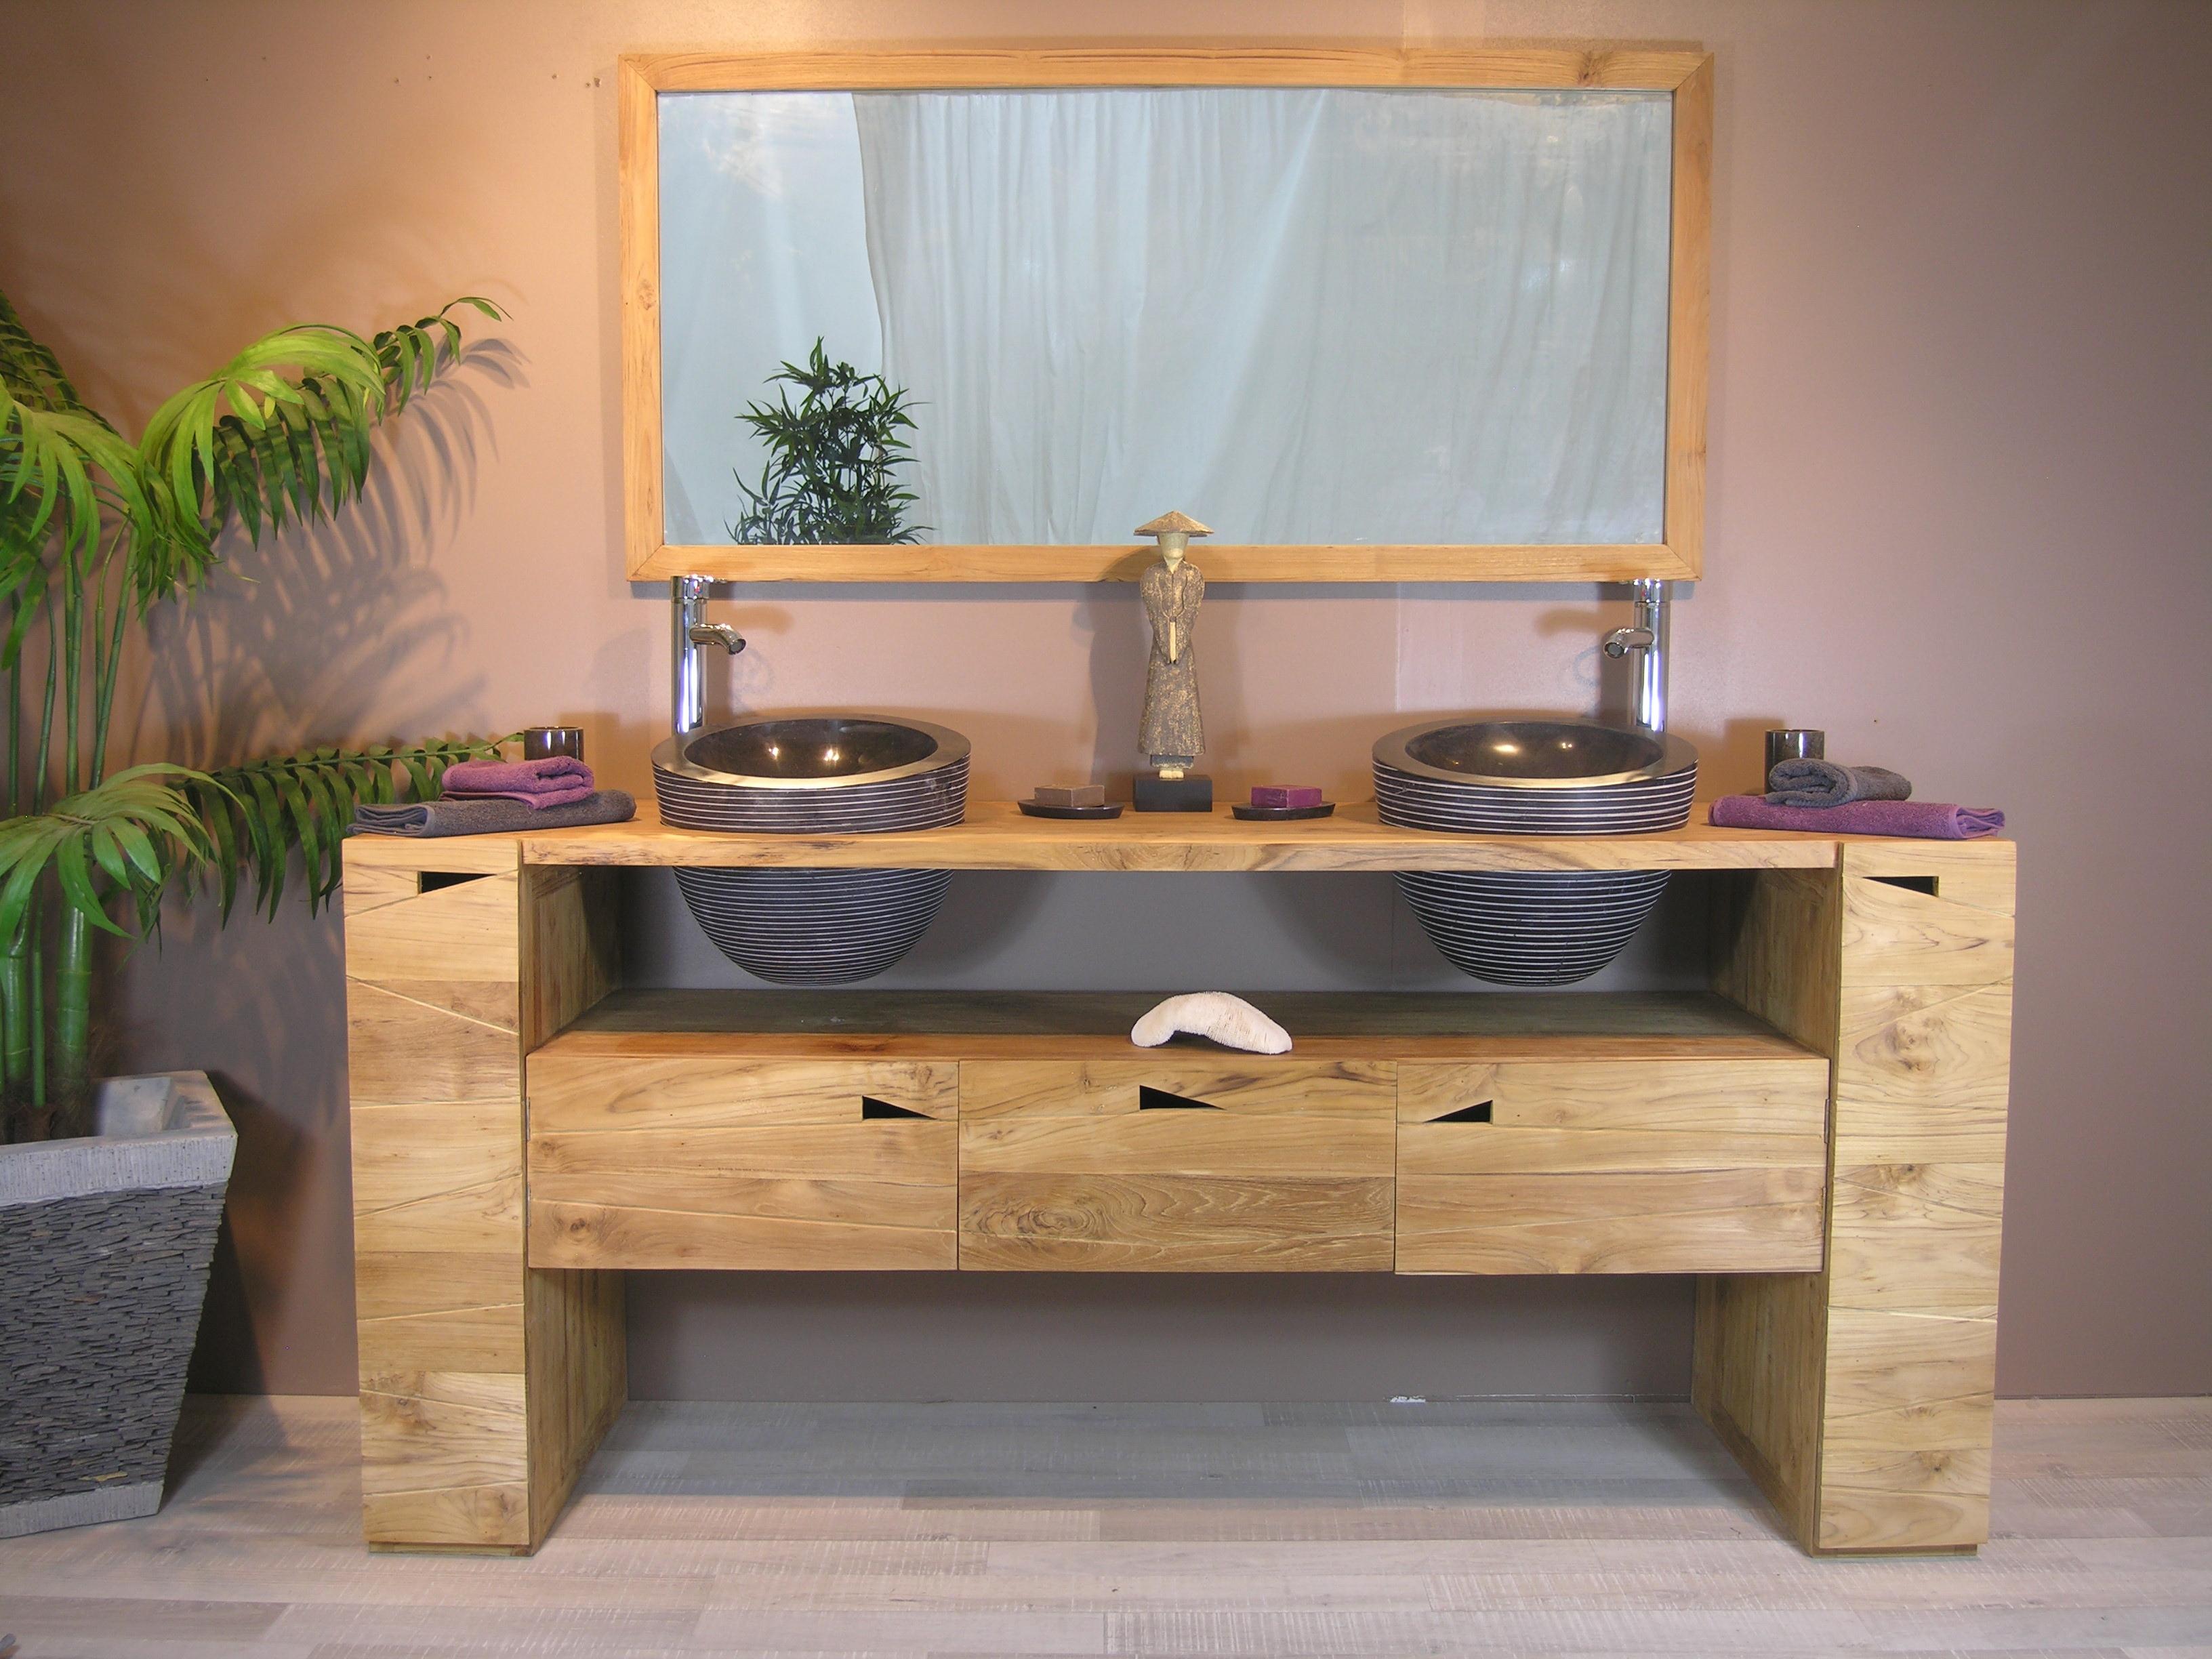 Salle De Bain Castorama Meuble Beau Images Meuble Pour Vasque 17 De Salle Bain Sans Nouvelles Idees A Poser